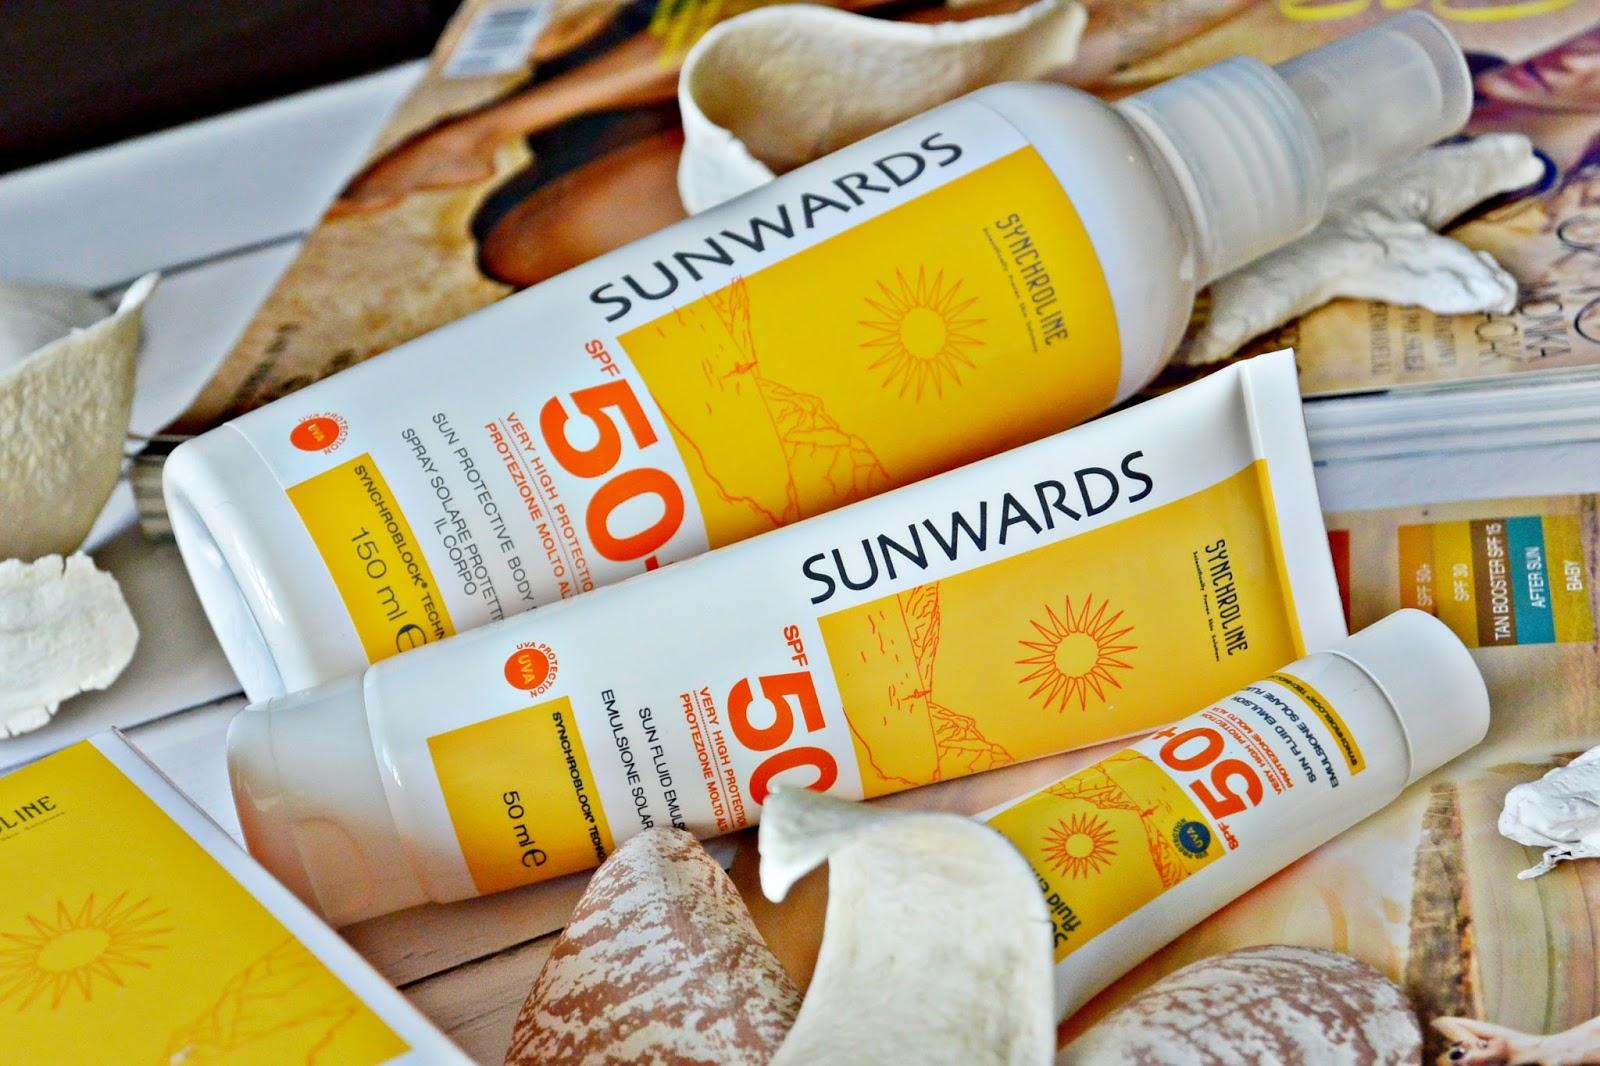 SUNWARDS Synchroline w trosce o ochronę skóry przed promieniowaniem UV